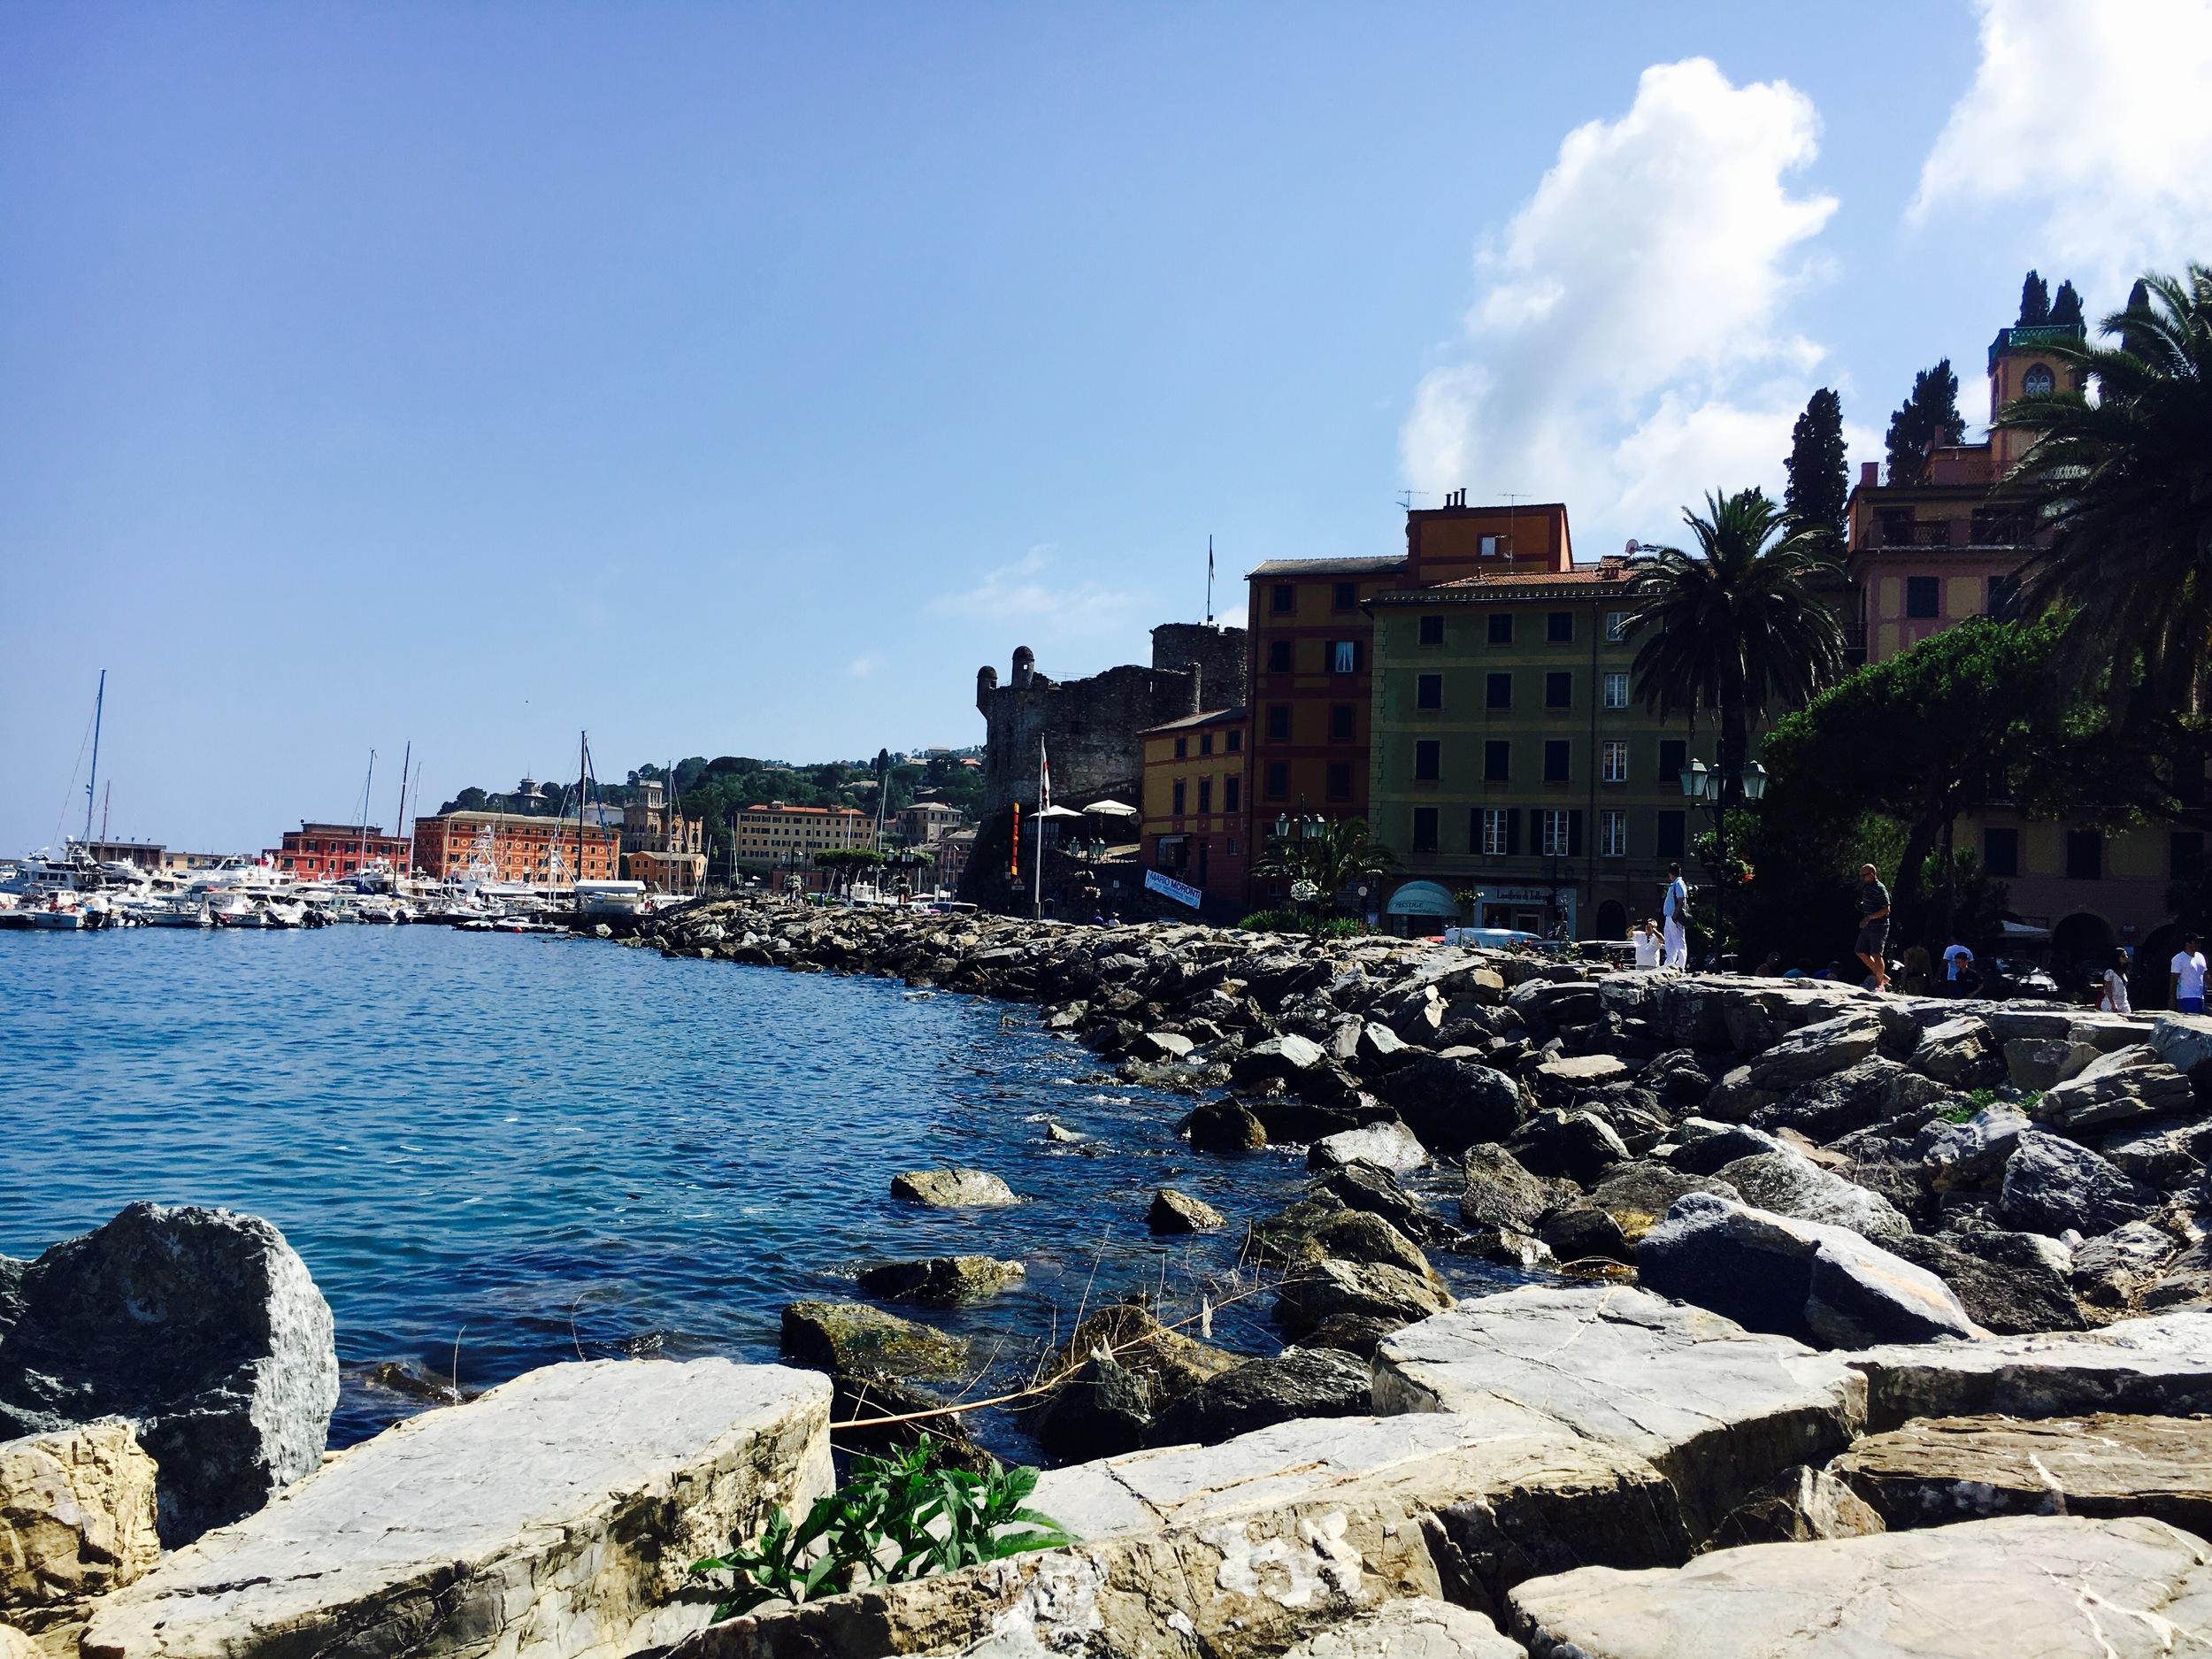 Harbor in  in Santa Margherita Ligure, Italy